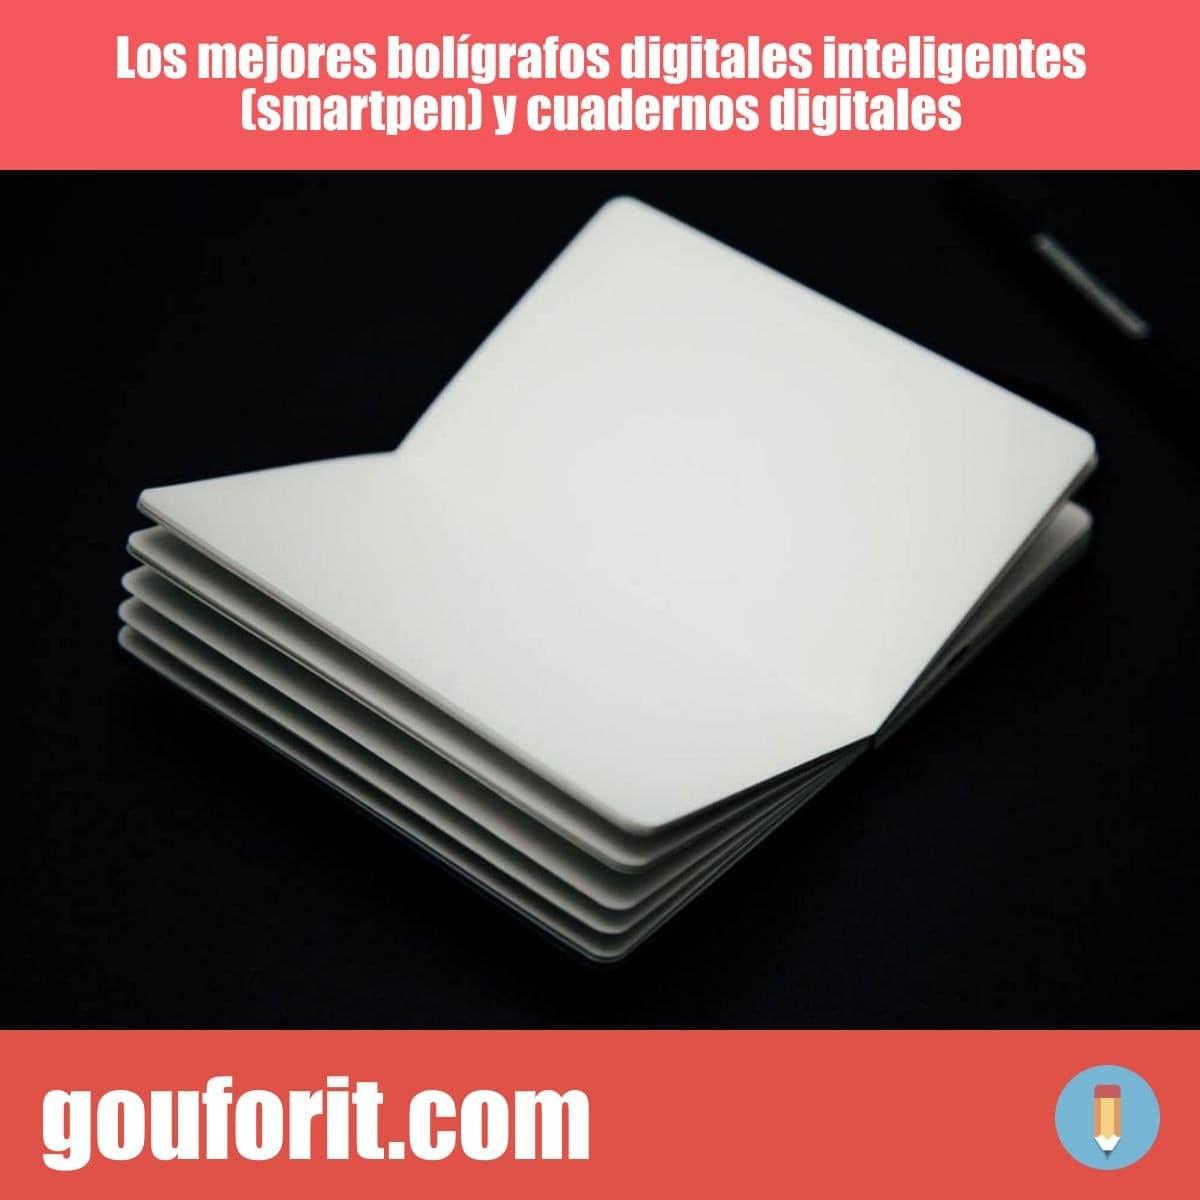 Los mejores bolígrafos digitales inteligentes (smartpen) y cuadernos digitales